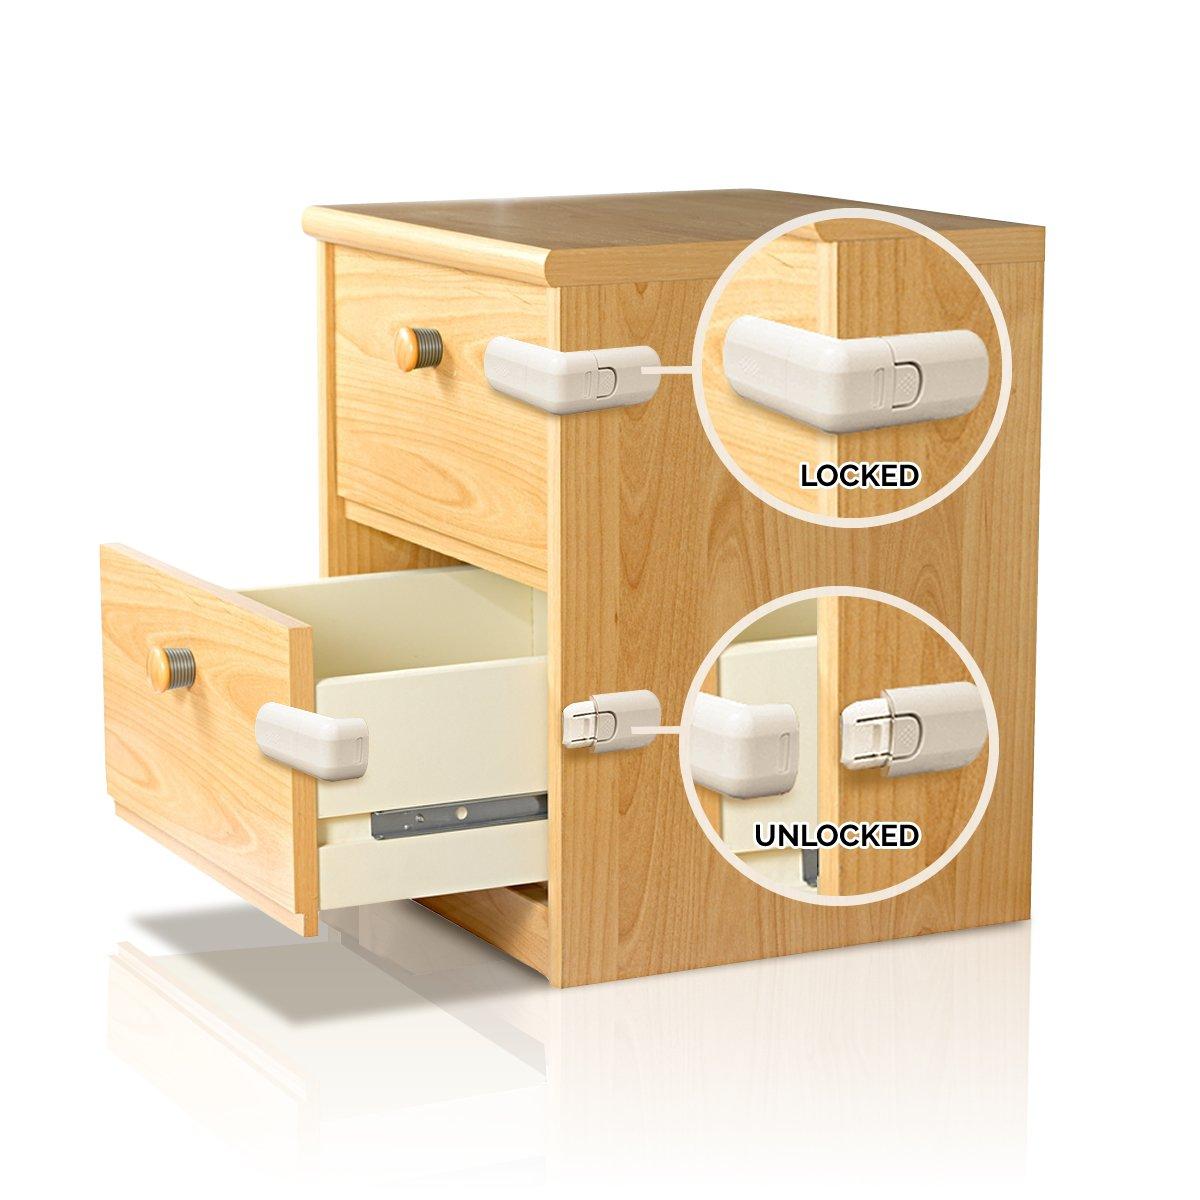 Cierre de Seguridad para Gabinetes Ajustable – Cerradura con Adhesivo 3M Extra Fuerte, Instalación Fácil para Muebles – Seguro Infantil para Cajones, ...